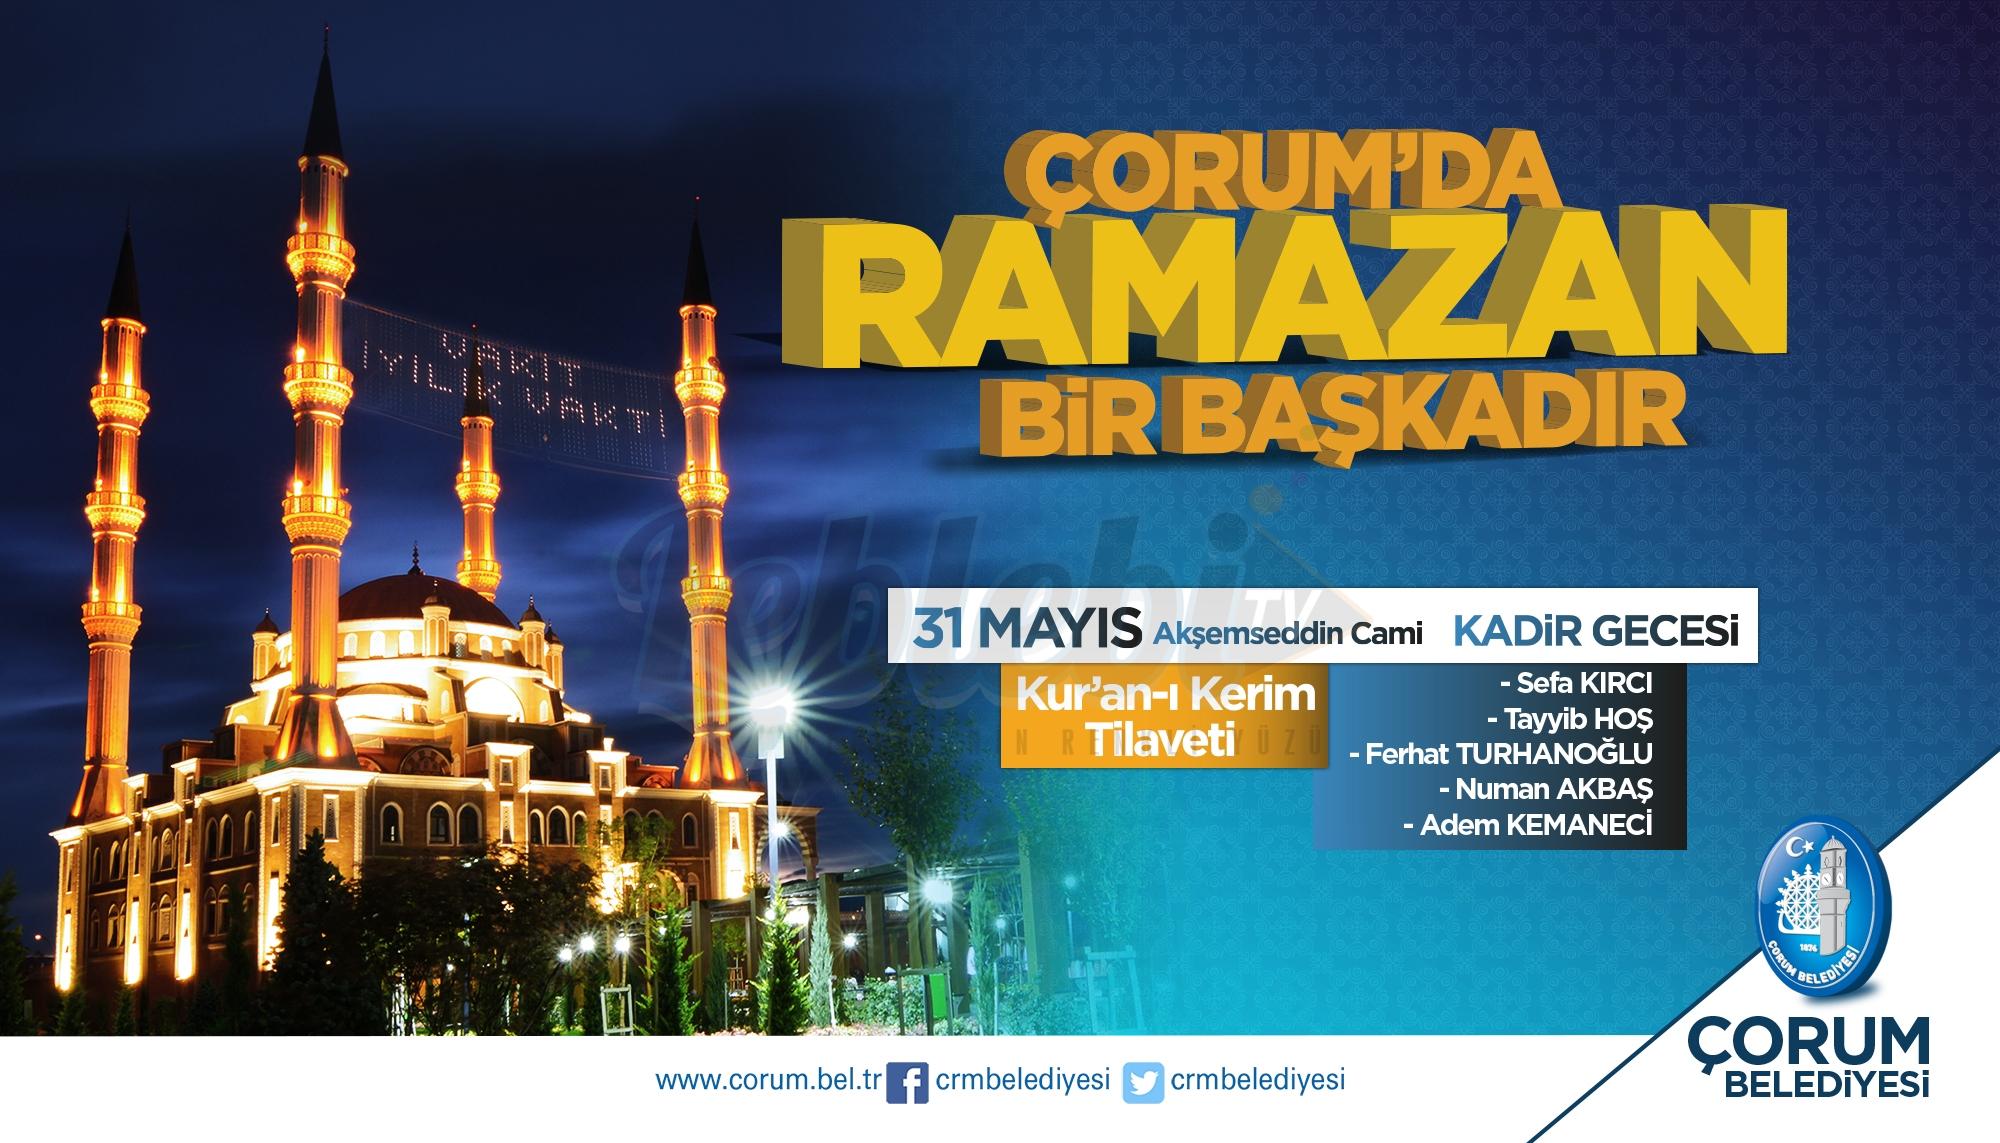 Kadir Gecesinde Akşemseddin Camisinde Kur'an Ziyafeti Çekilecek